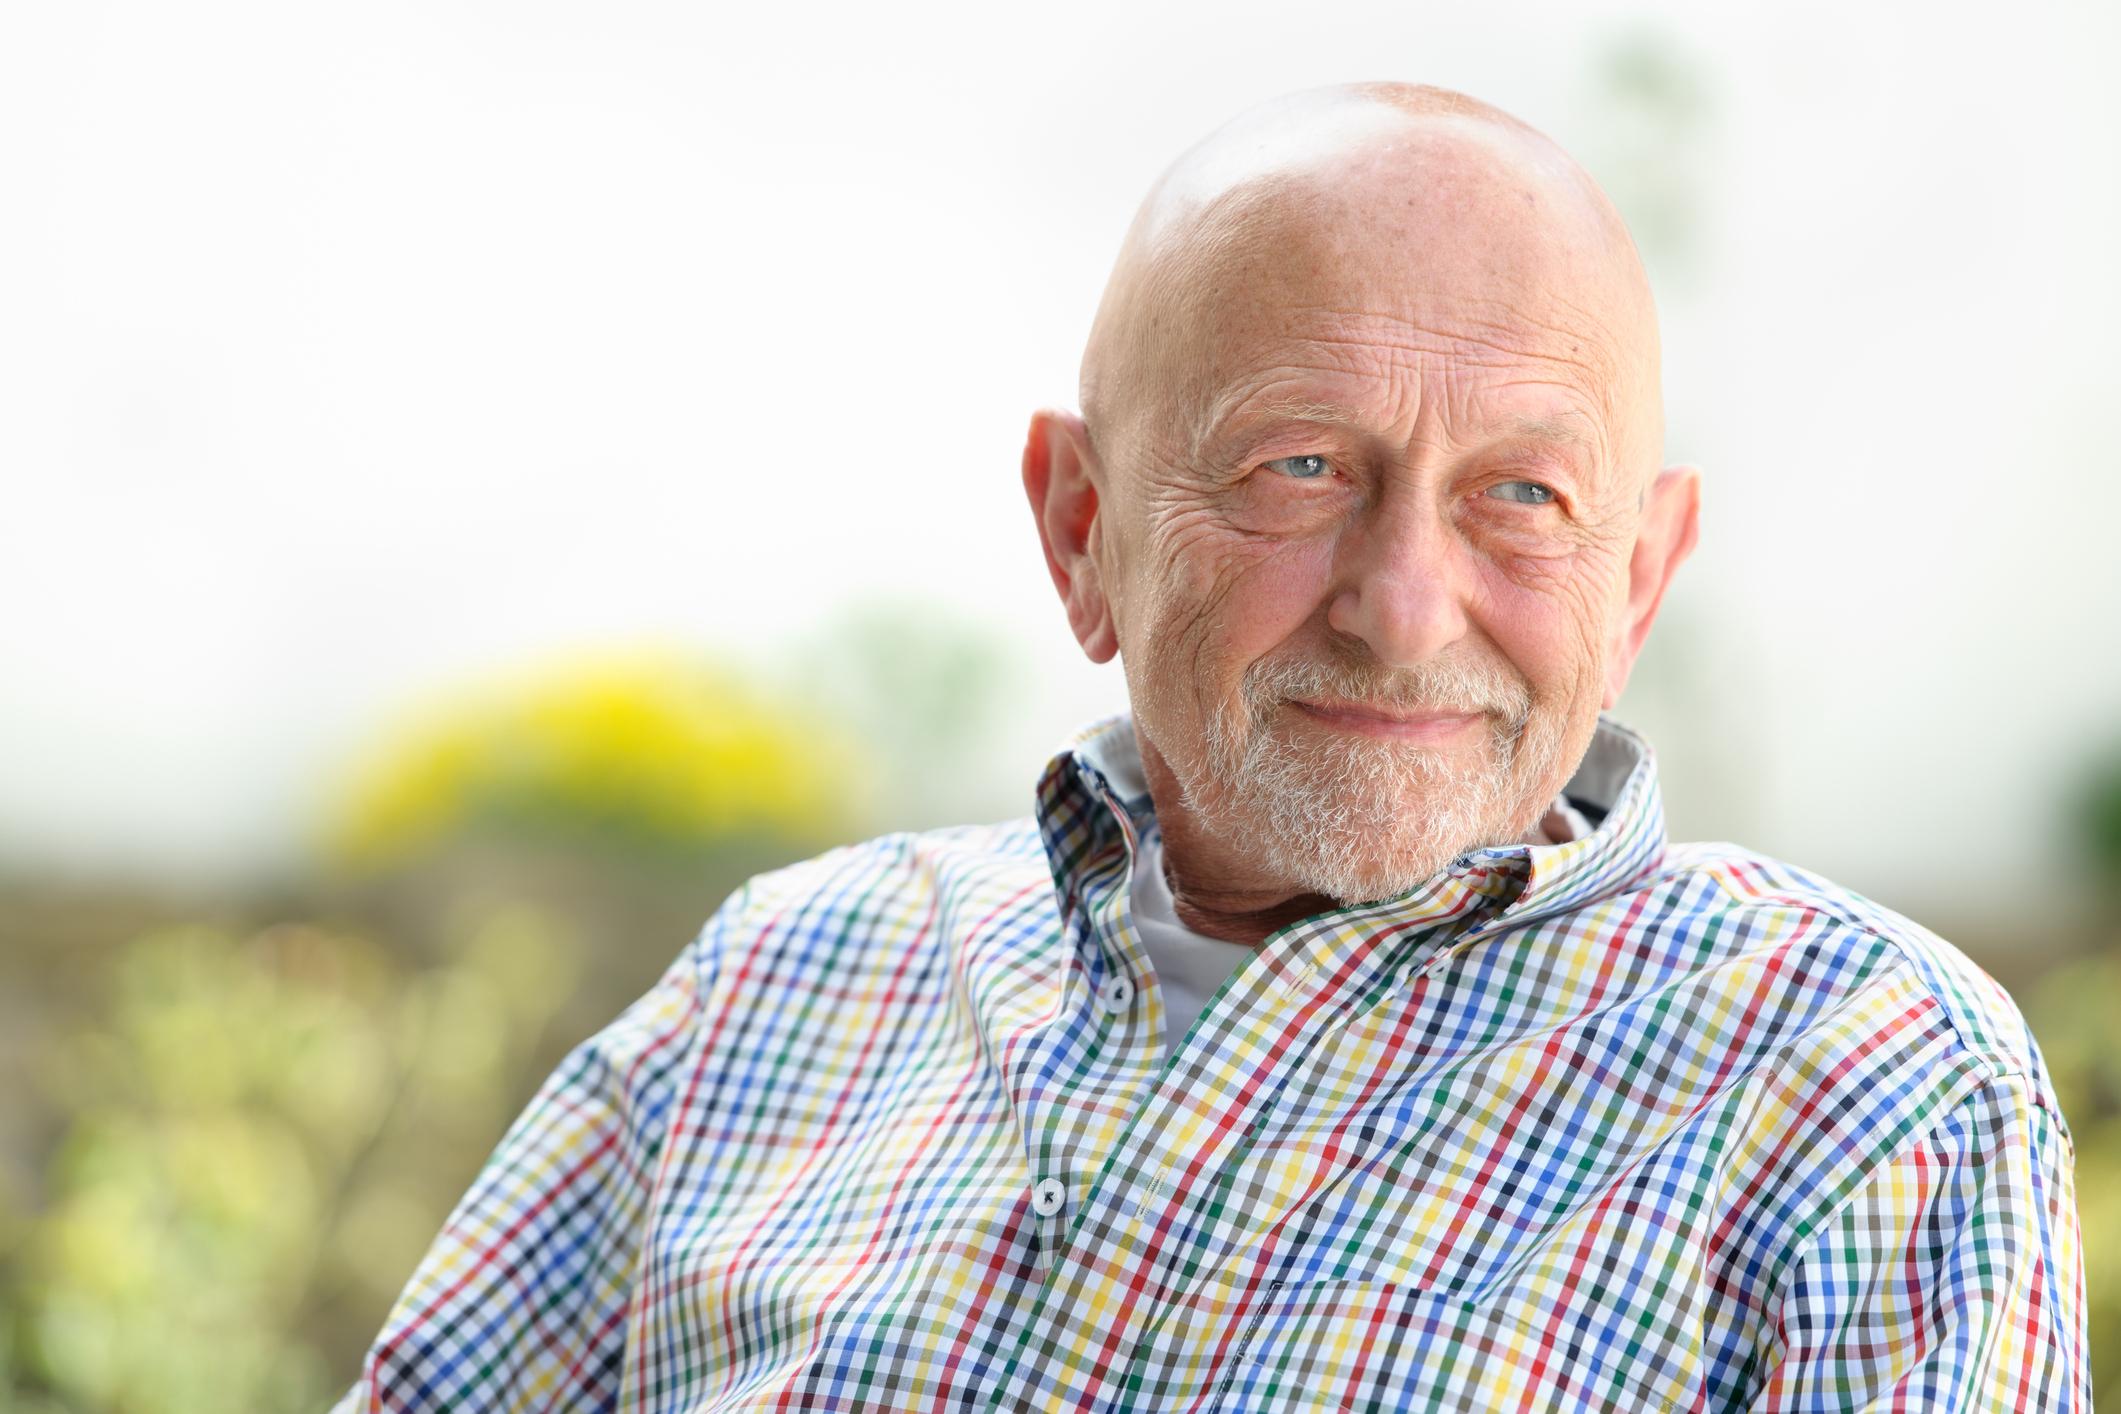 Smiling senior man outdoors